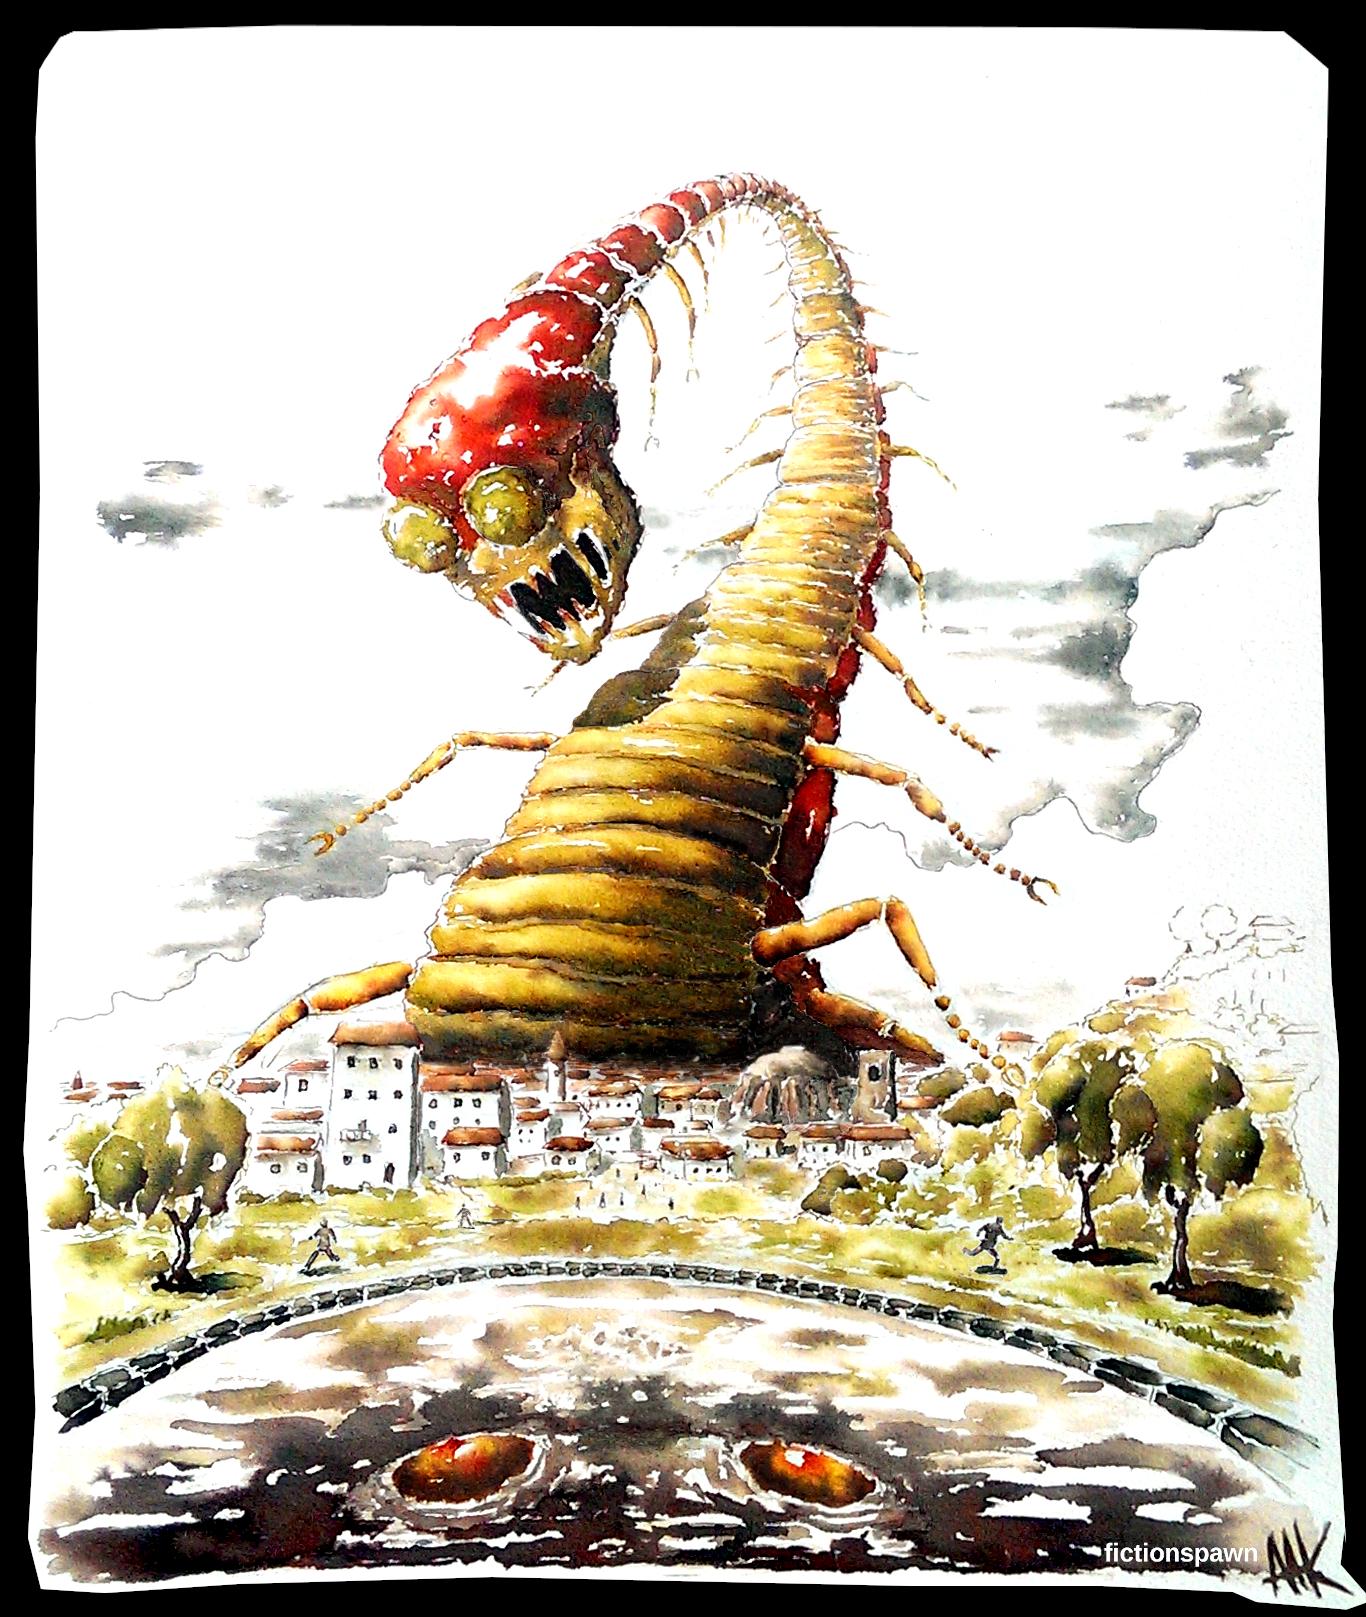 An arthropod monster attacks a city. Aak fictionpawn